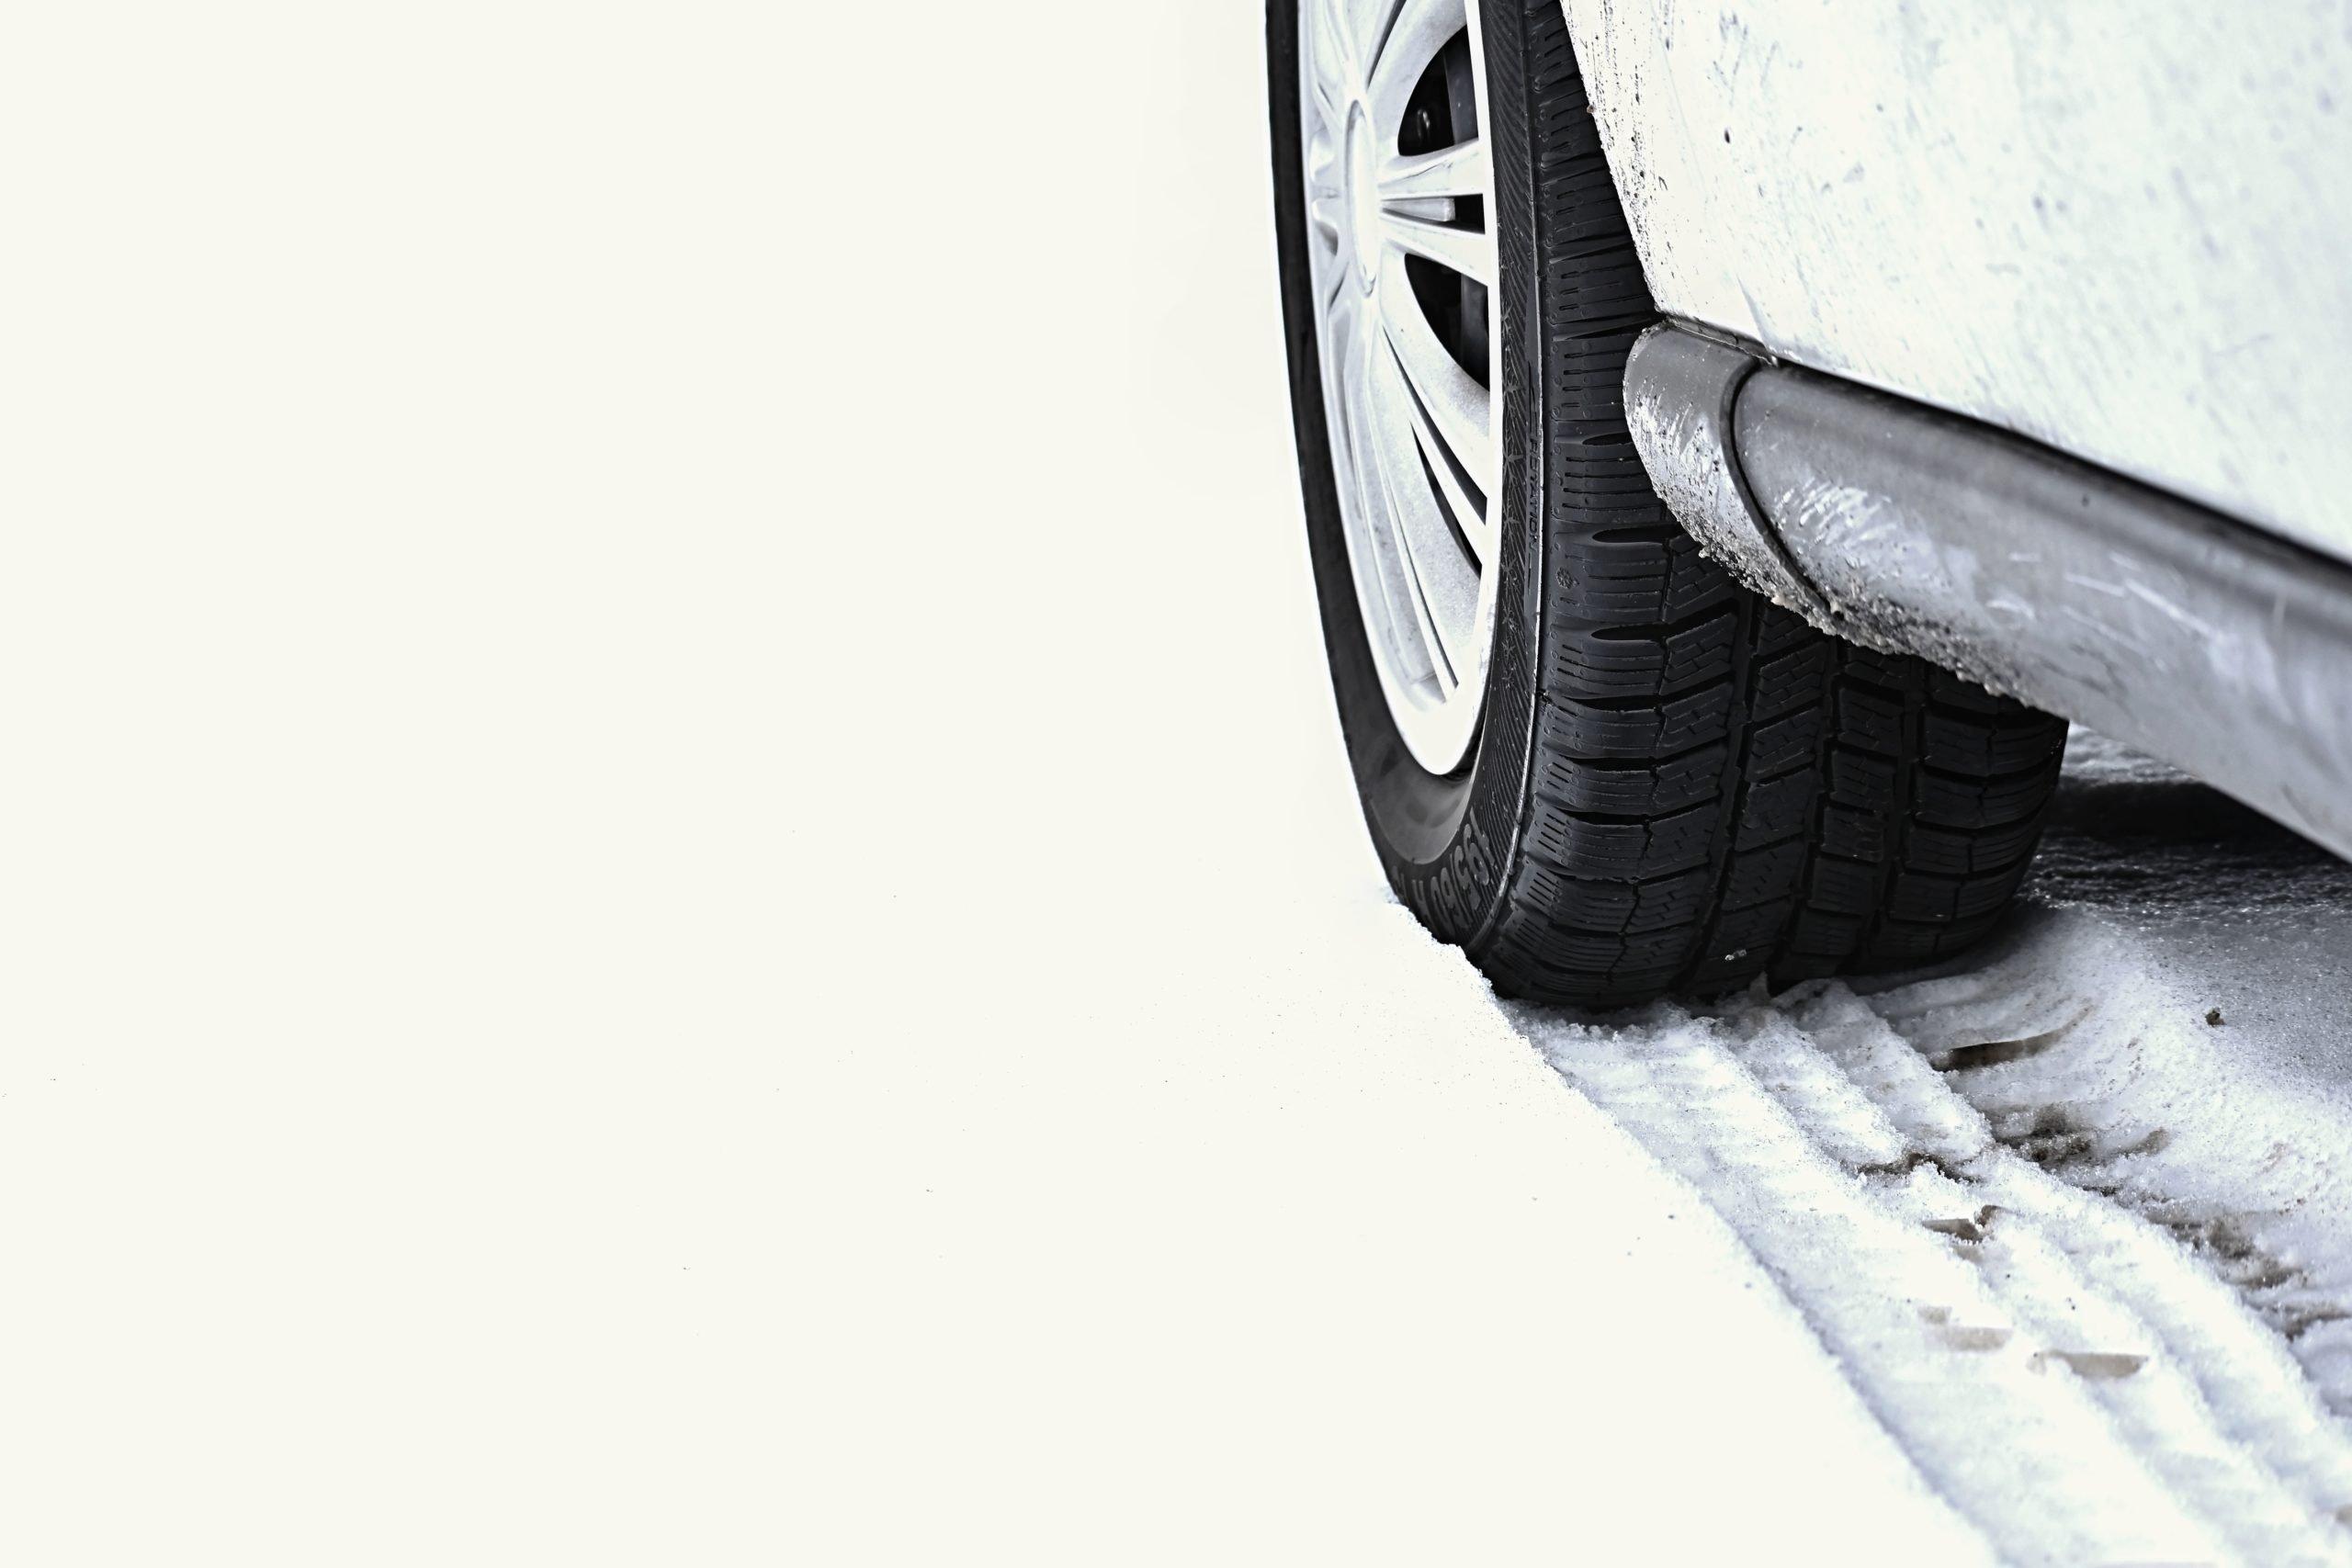 Autobraucēju ievērībai: uz ceļiem var sastapt meža dzīvniekus, kuri iznāk pēc sāls